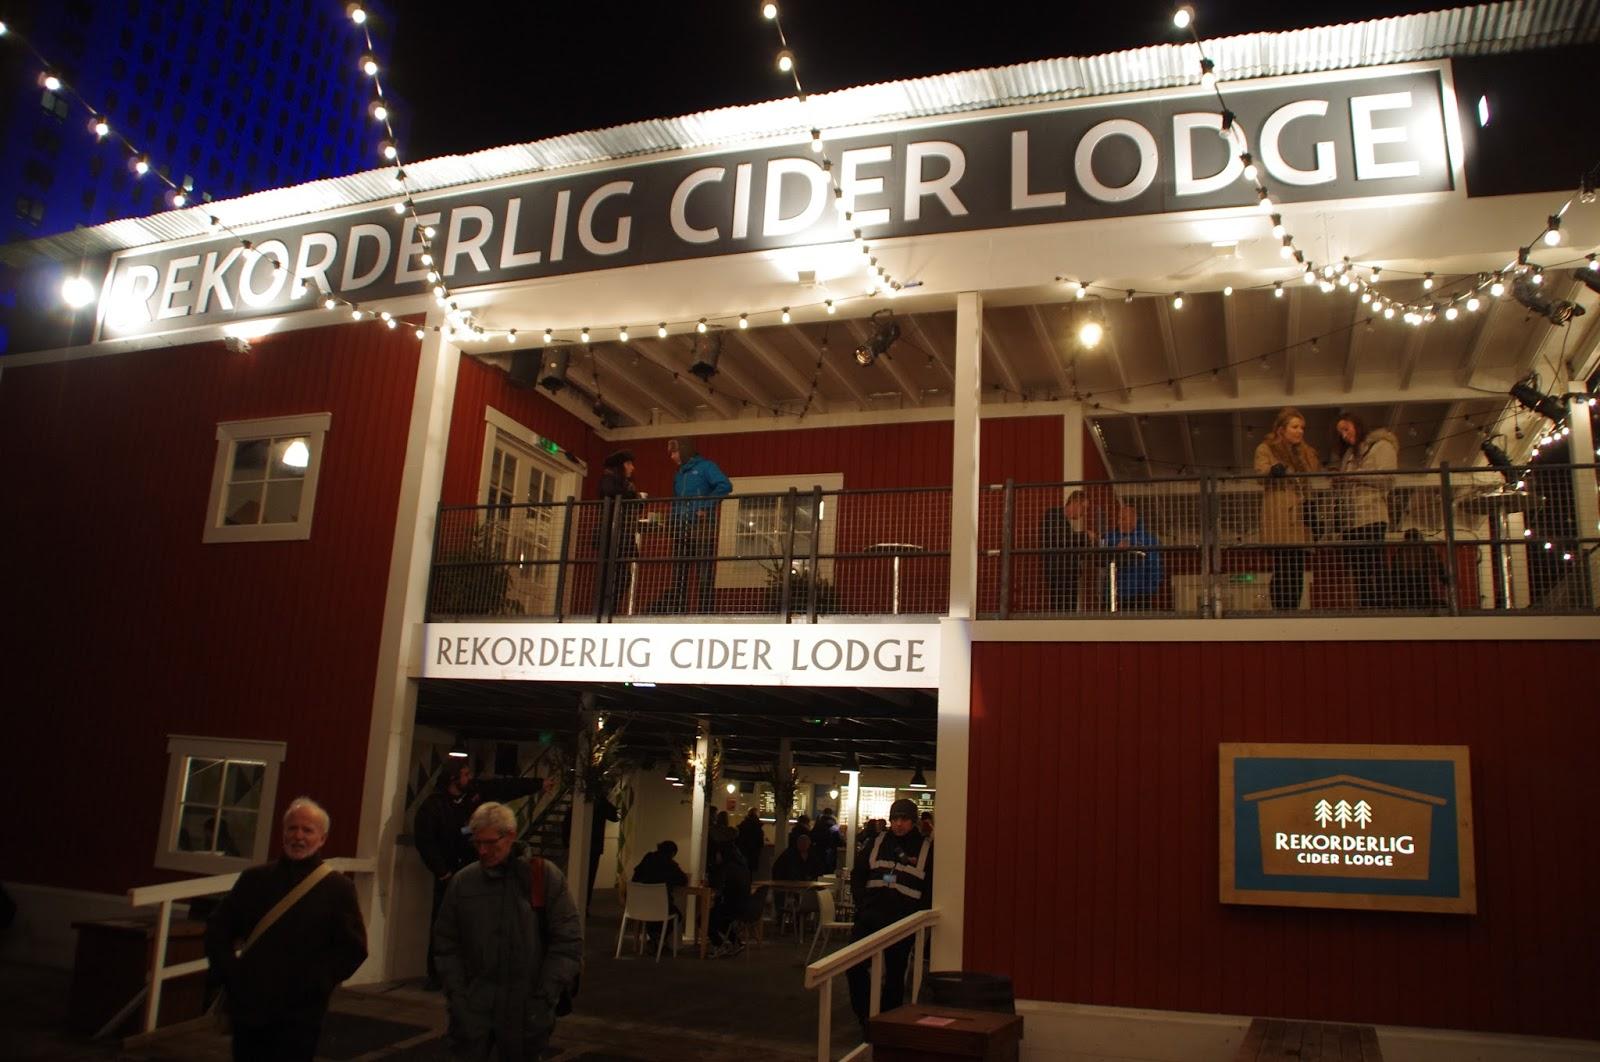 Rekorderlig Cider Lounge Southbank London